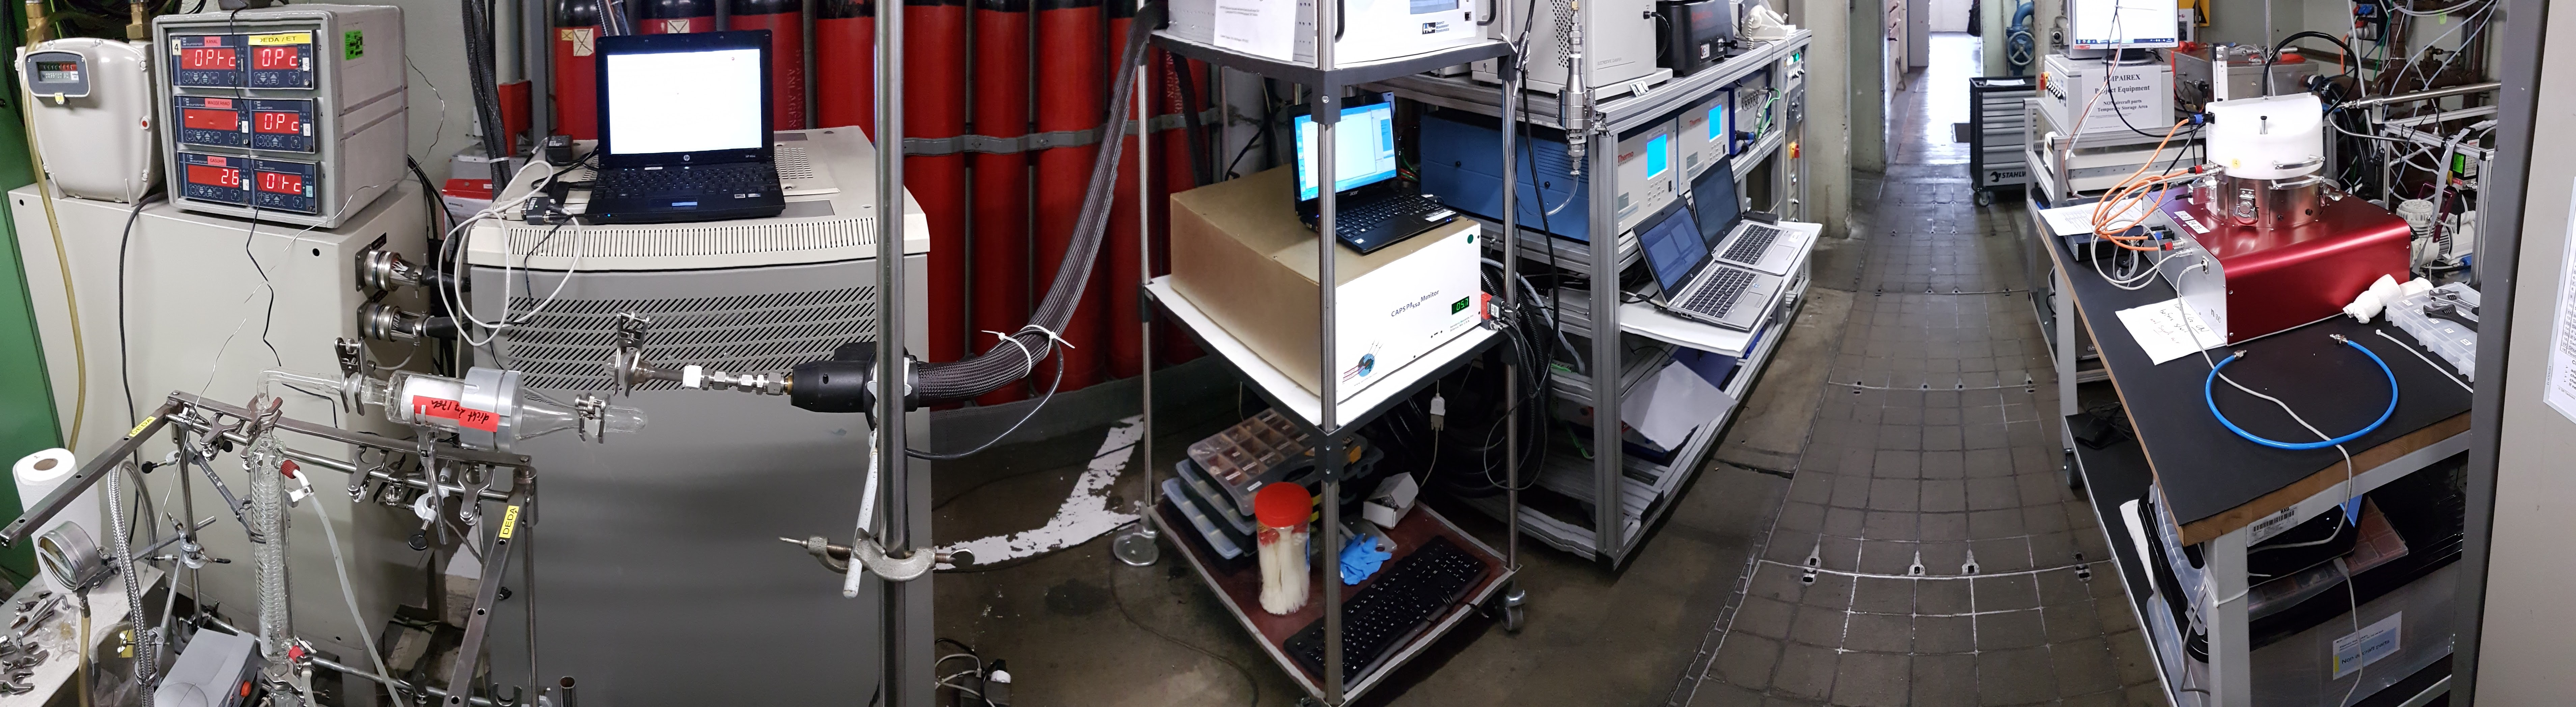 Raum mit Messgeräten und NACIVT (rechts), der Kammer, in der die Partikel kontrolliert auf die Lungenzellkulturen abgelagert werden und die am Computer angeschlossen ist. Sie ermöglicht es, die Ablagerung der Partikel online zu beobachten.  Bild: Universität Bern /SR Technics Switzerland AG